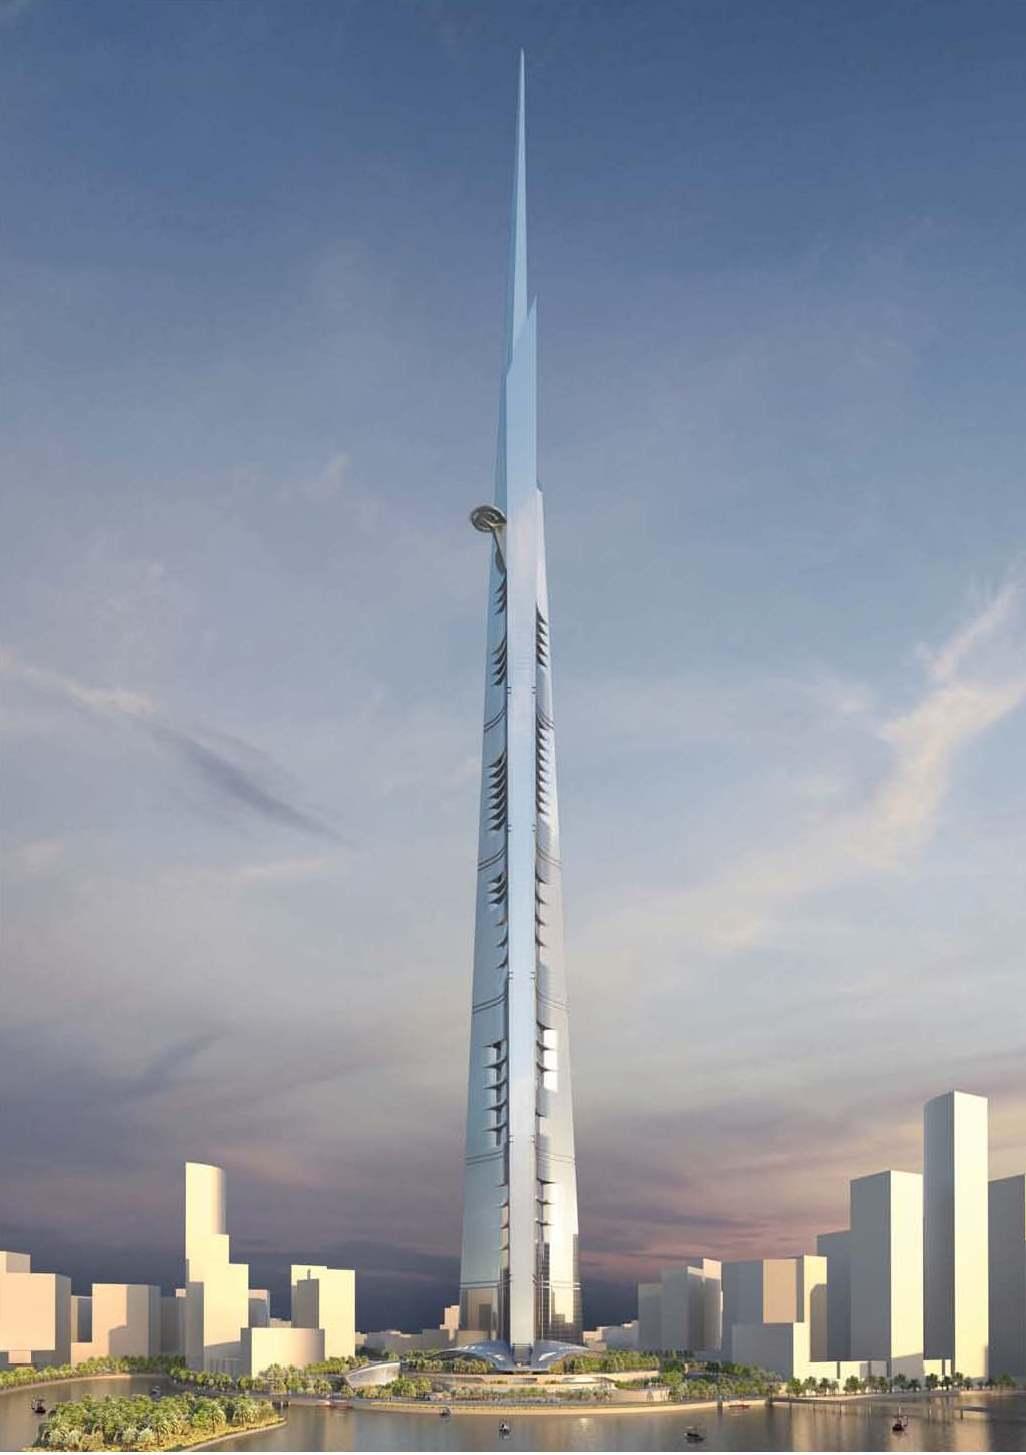 年中完美收官 江河6月斩获世界第一高1007米沙特王国塔